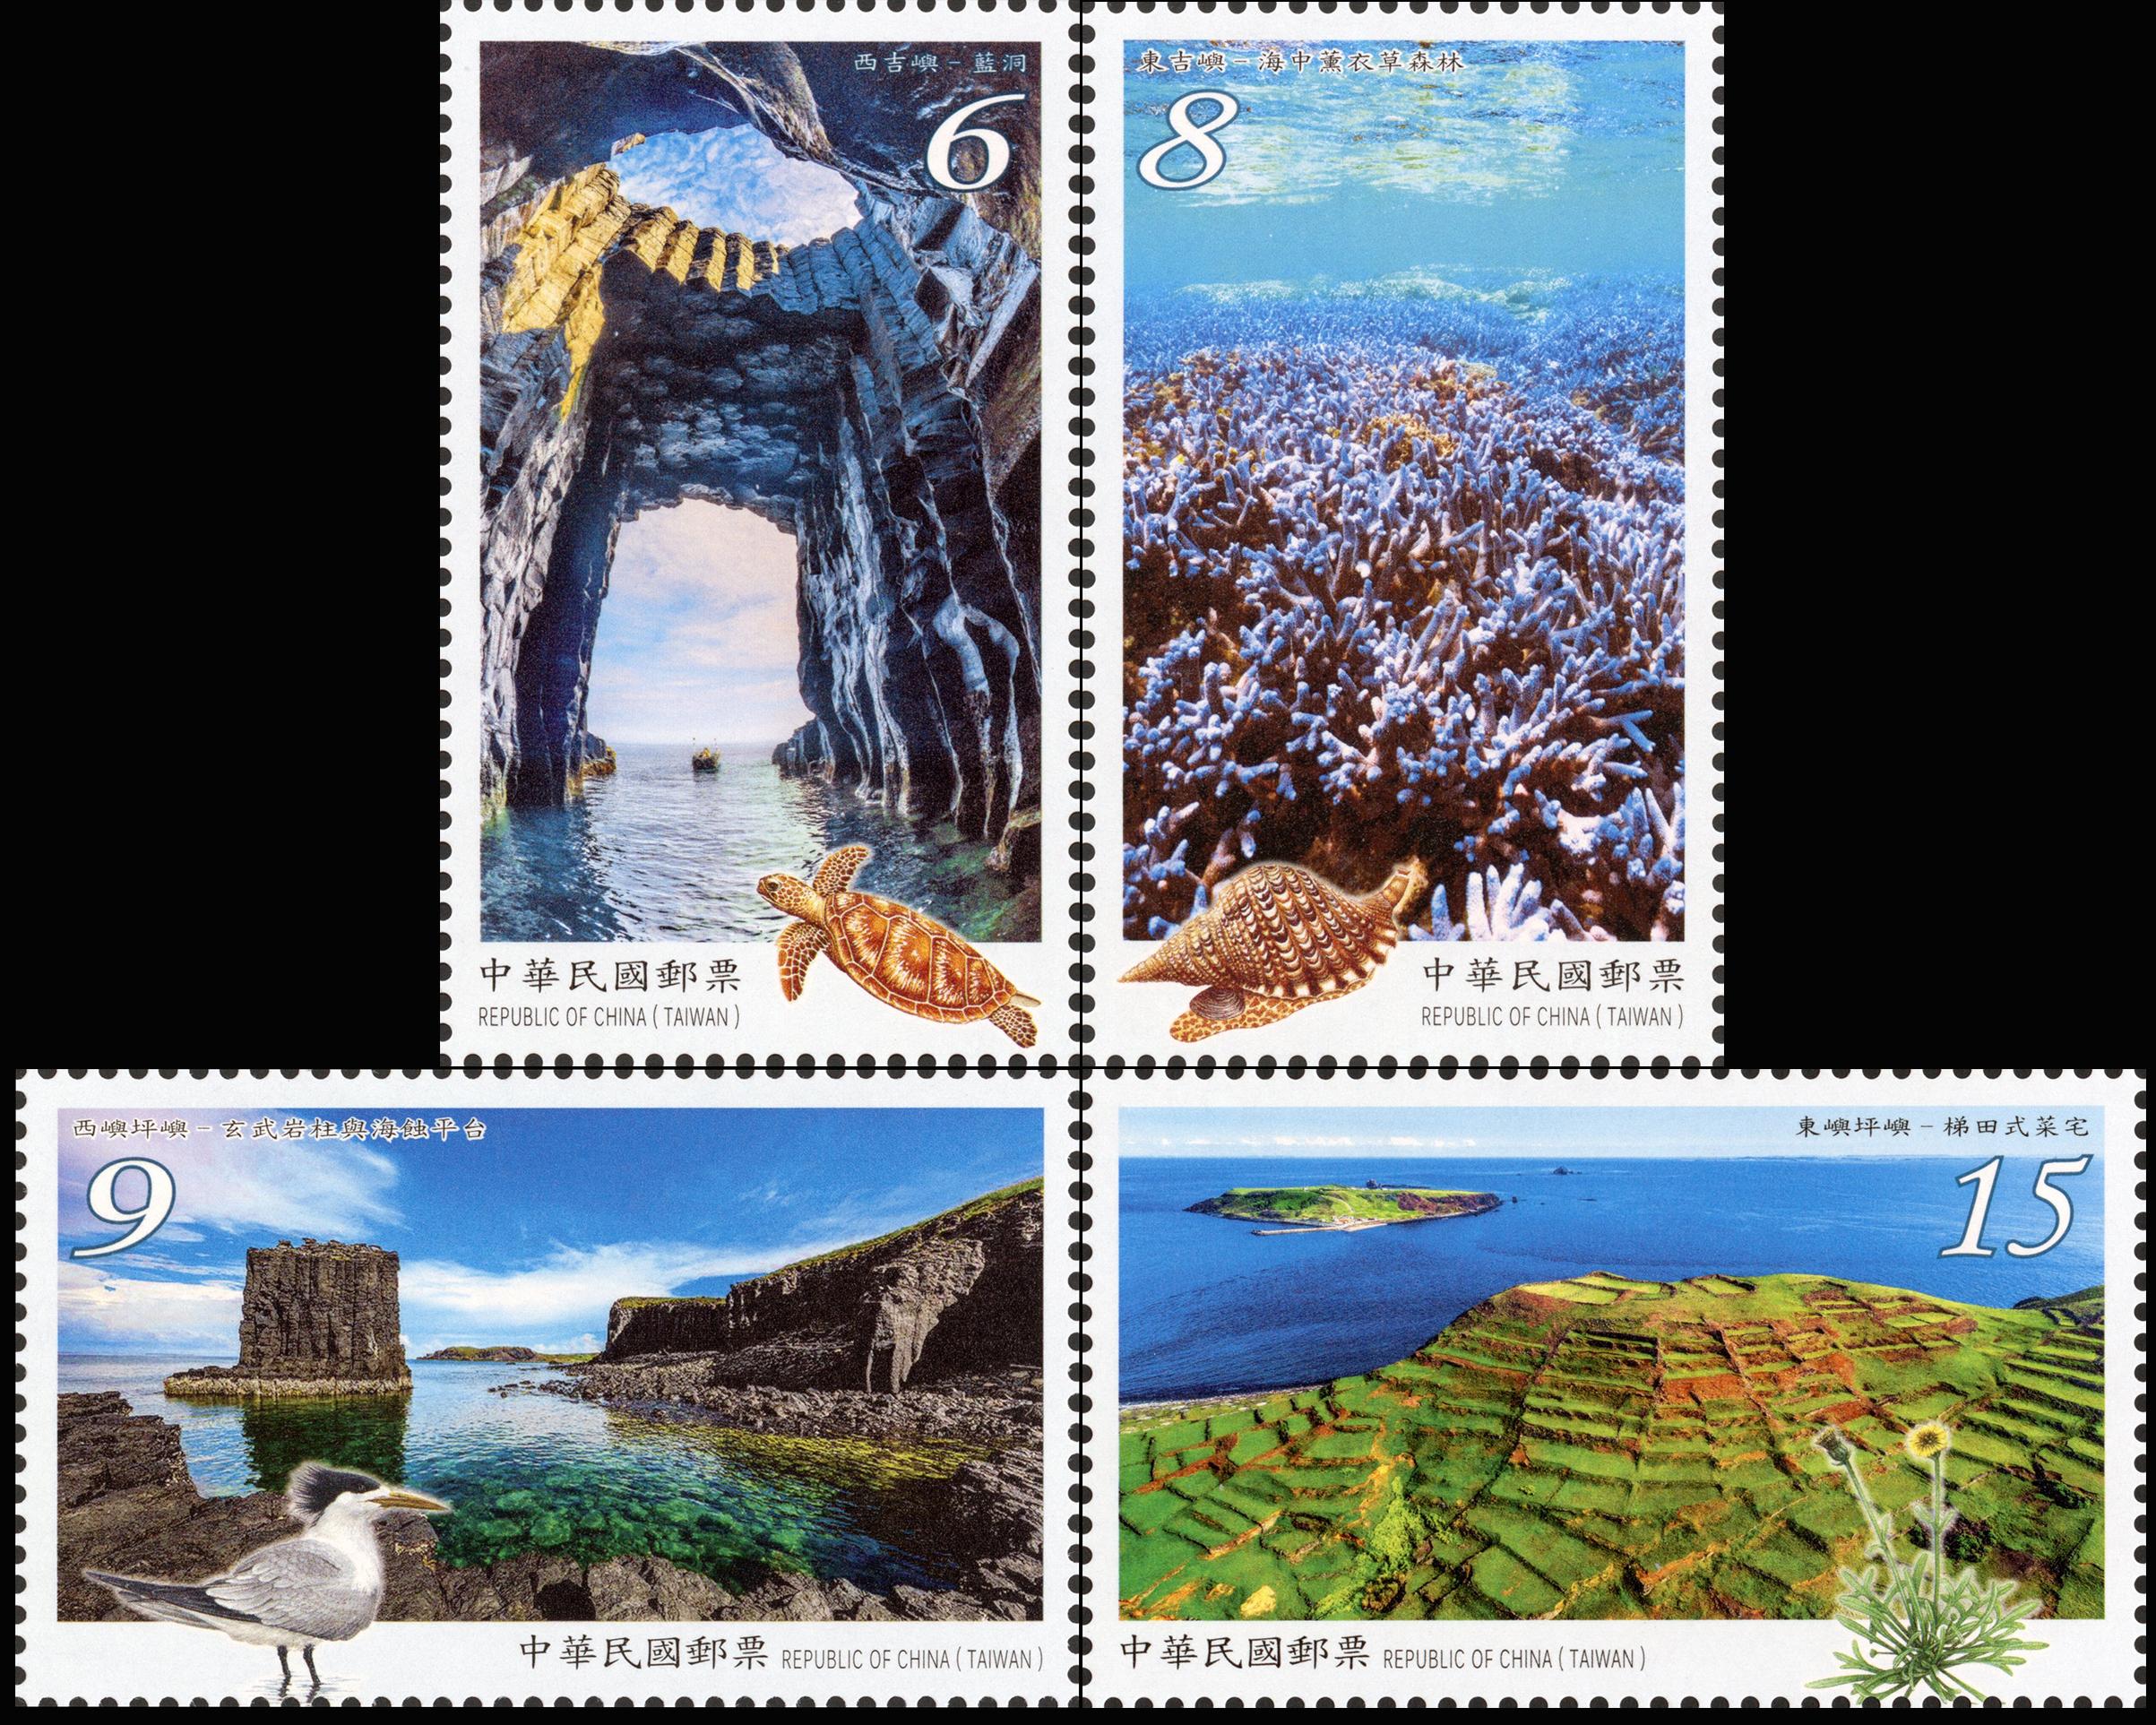 澎湖南方四島國家公園郵票